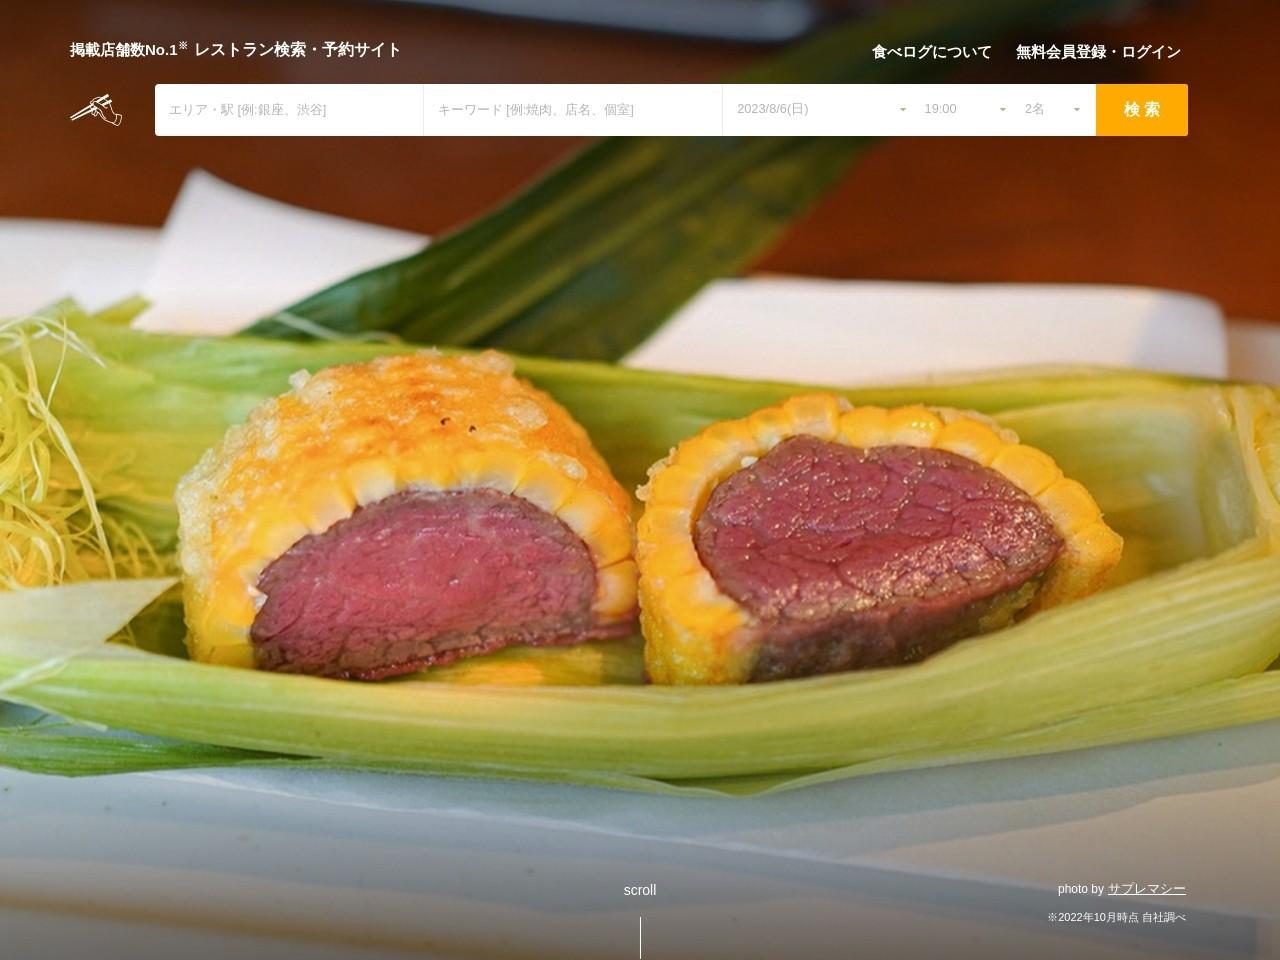 http://tabelog.com/okinawa/A4705/A470501/47010843/